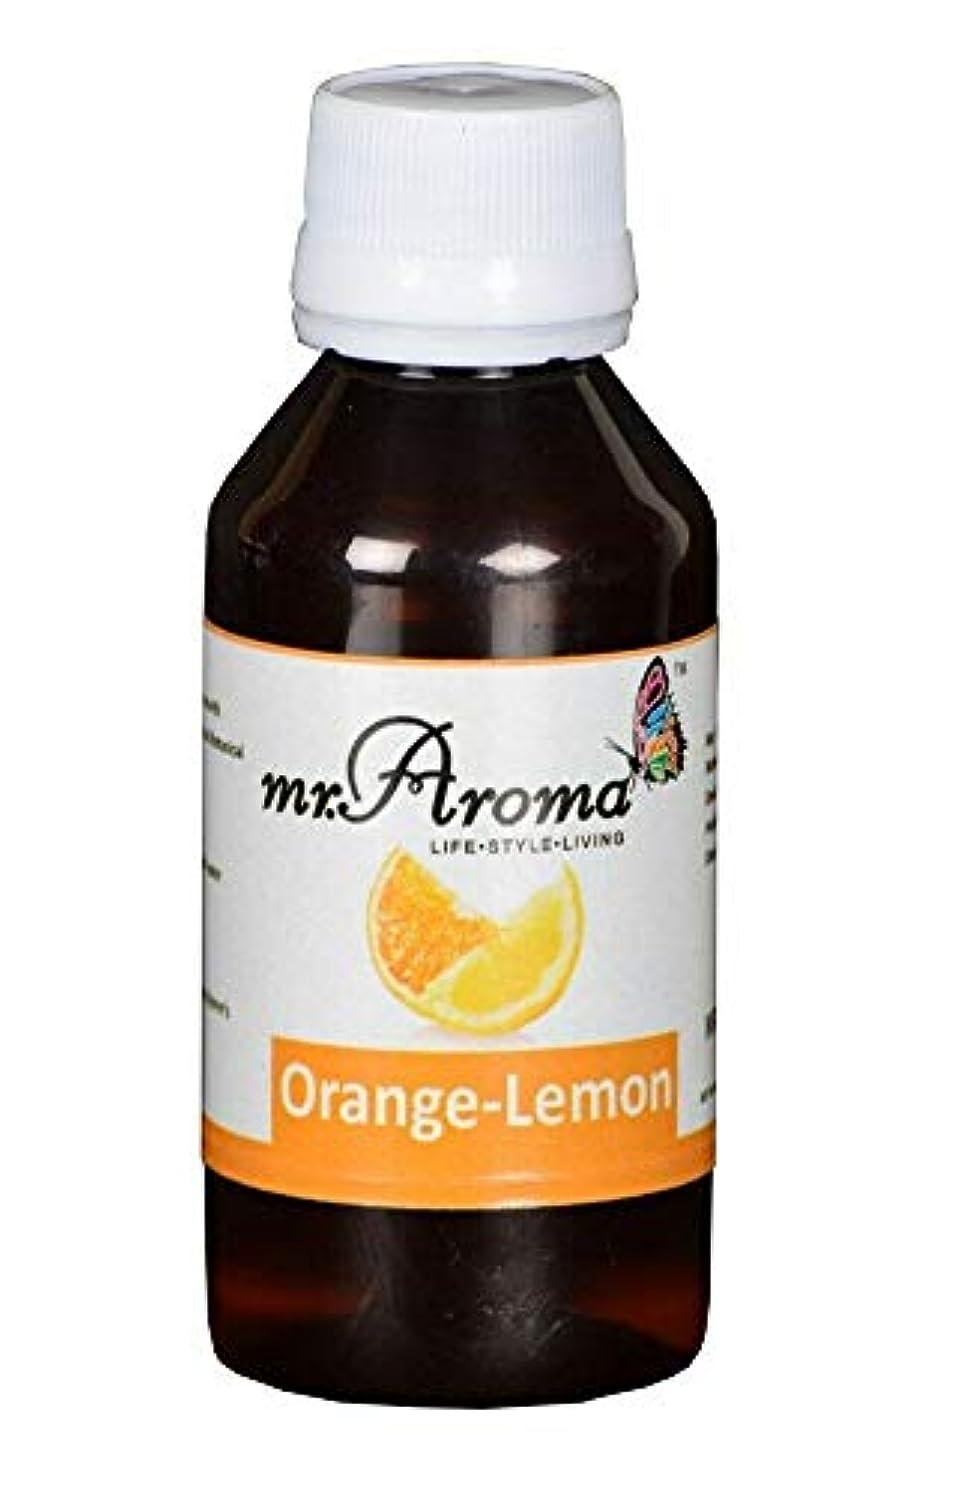 困惑するにはまってステッチMr. Aroma Orange-Lemon Vaporizer/Essential Oil 15ml